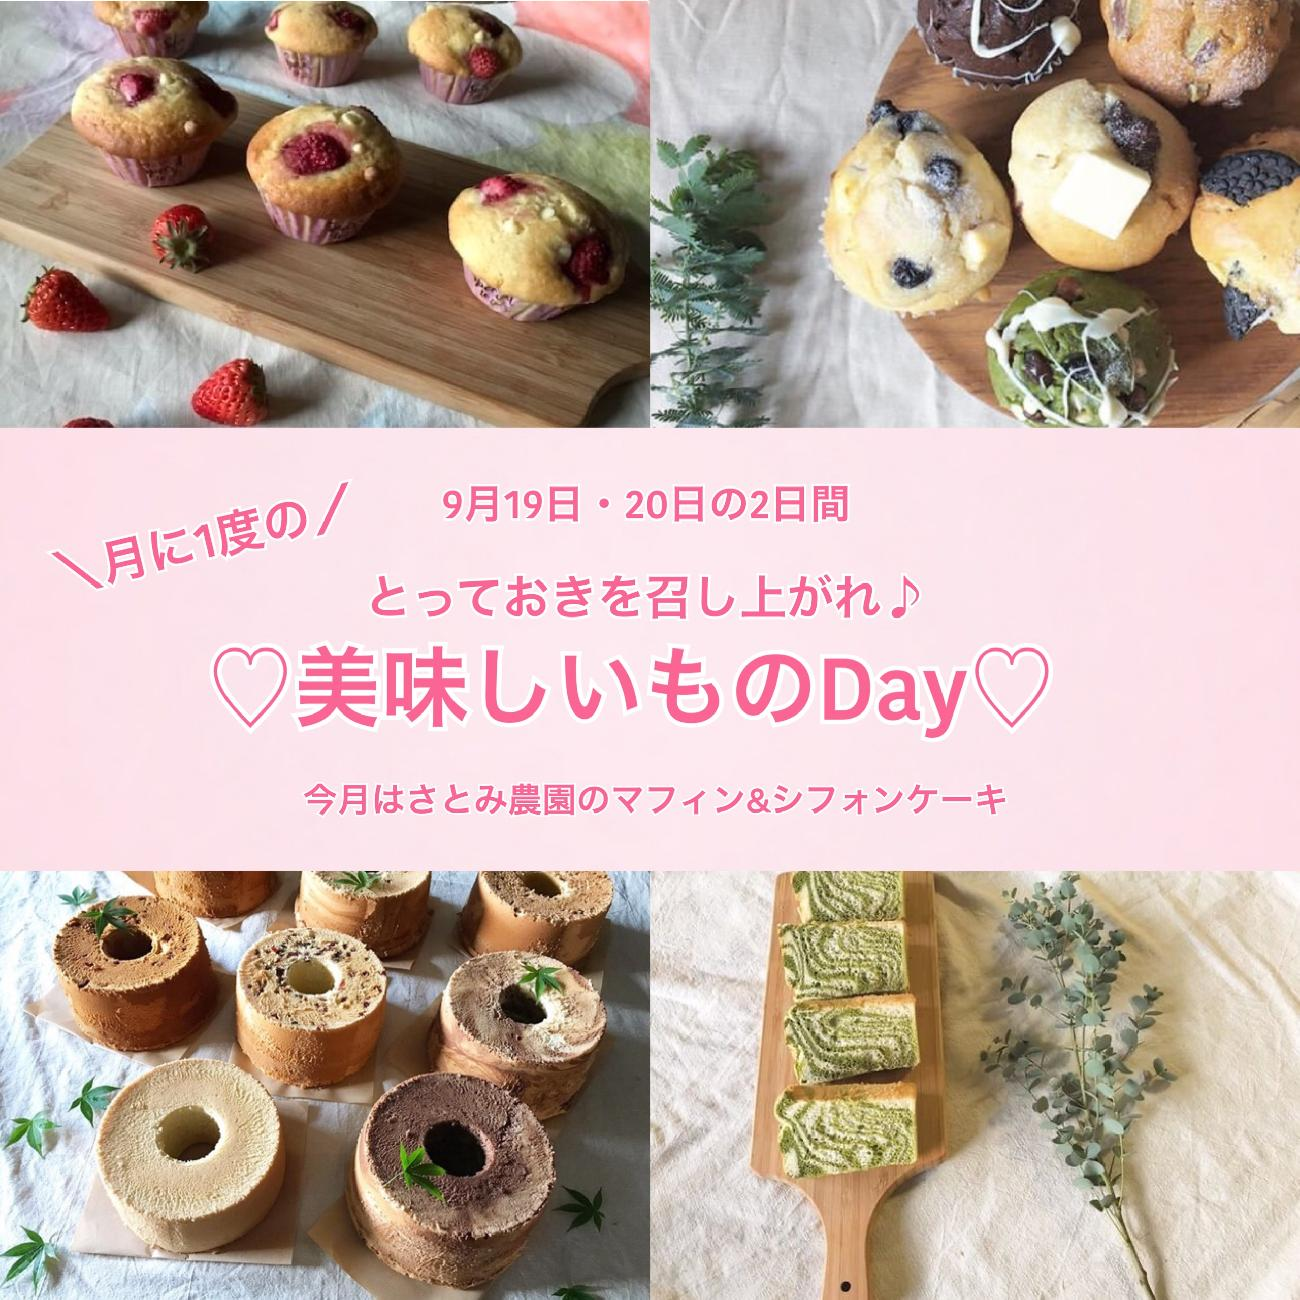 おいしいものDAY/マフィン/シフォン/焼き菓子販売/とっておきの時間